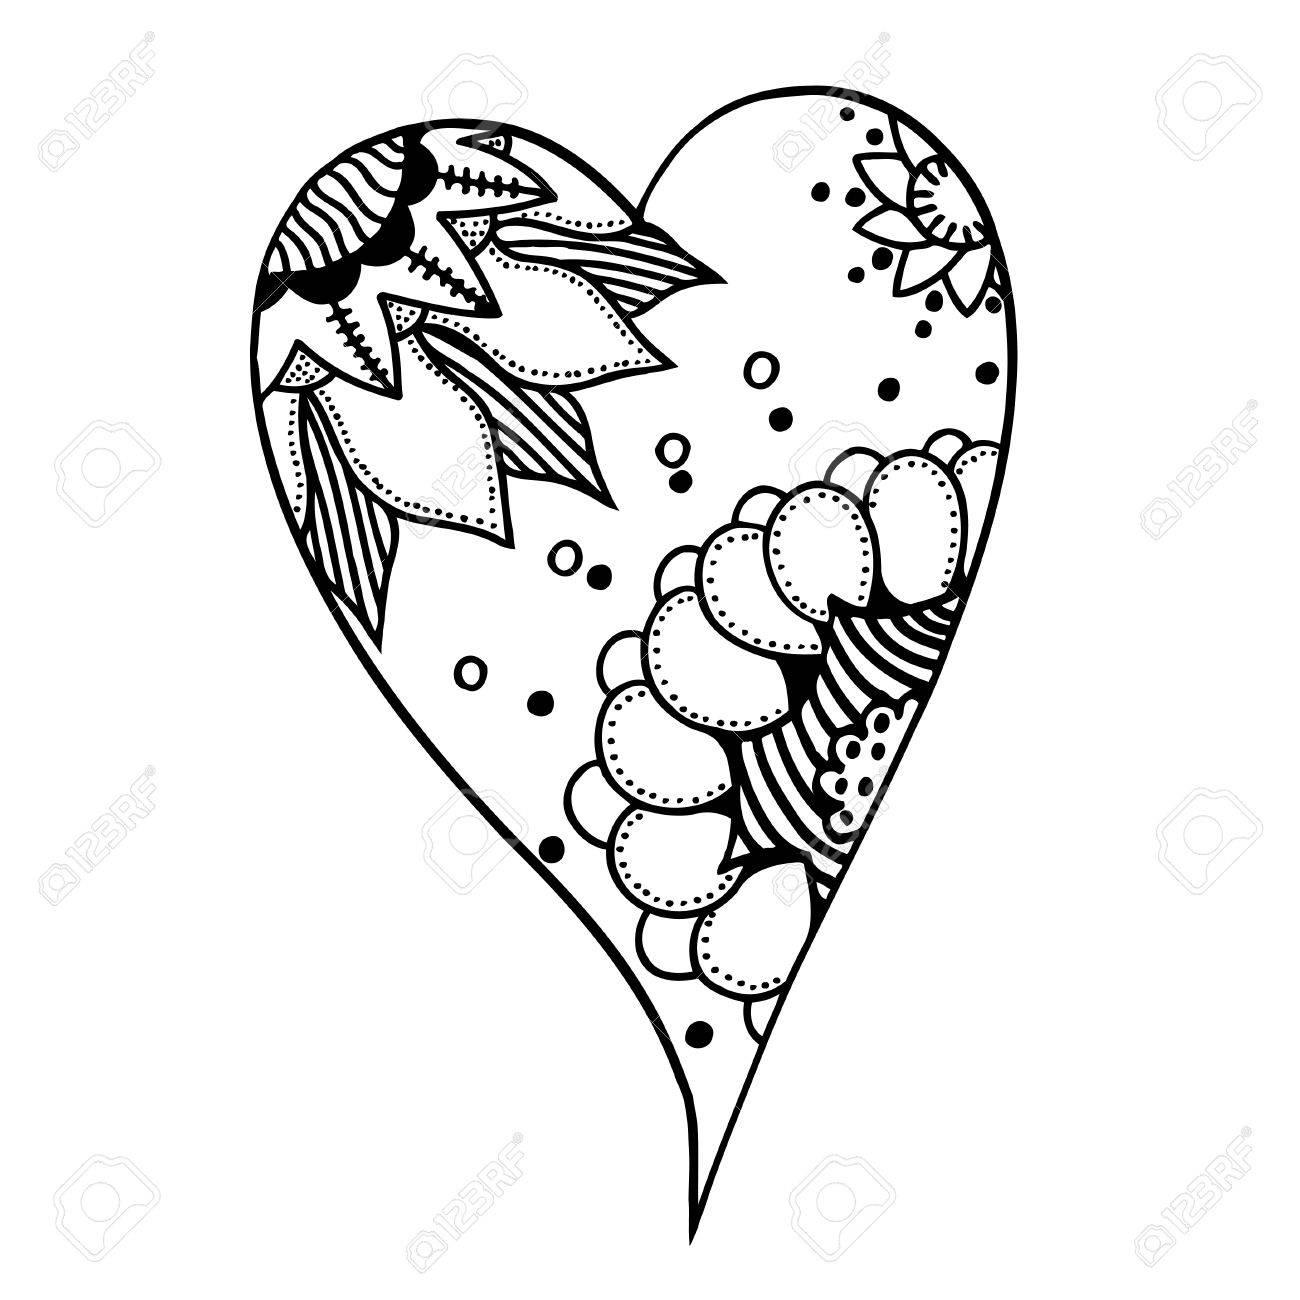 Dibujados A Mano De Estilo Corazones Patrón De Libro Para Colorear Hecho Por El Trazo Del Dibujo Fondo Del Día De San Valentín